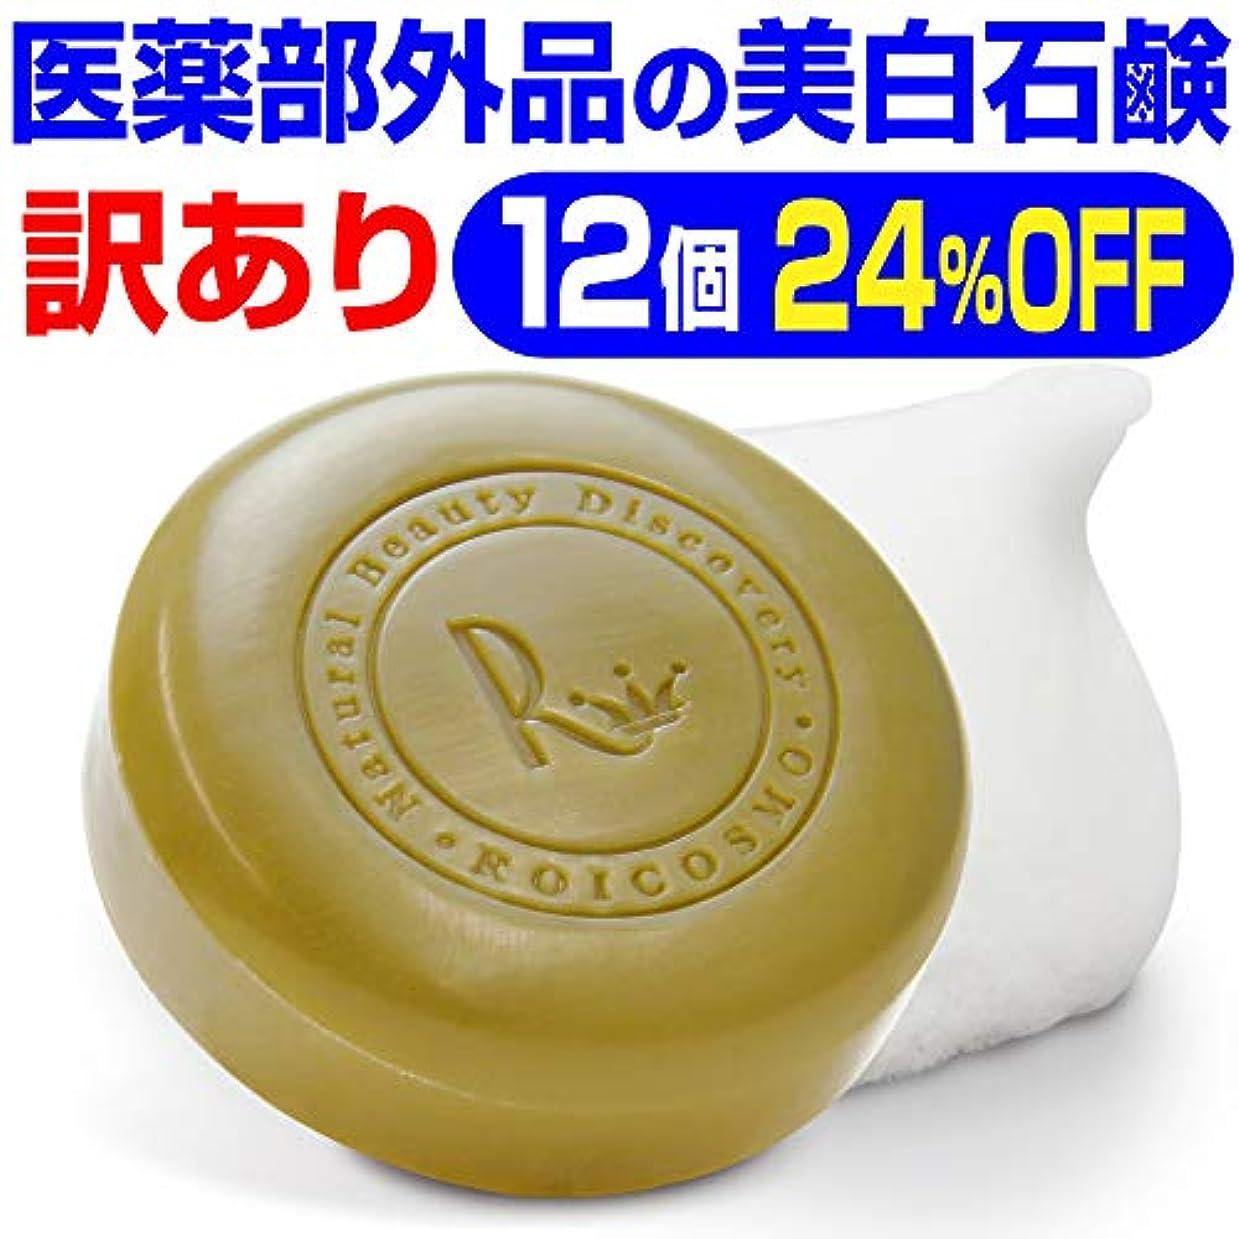 魂契約した無礼に訳あり24%OFF(1個2,036円)売切れ御免 ビタミンC270倍の美白成分の 洗顔石鹸『ホワイトソープ100g×12個』